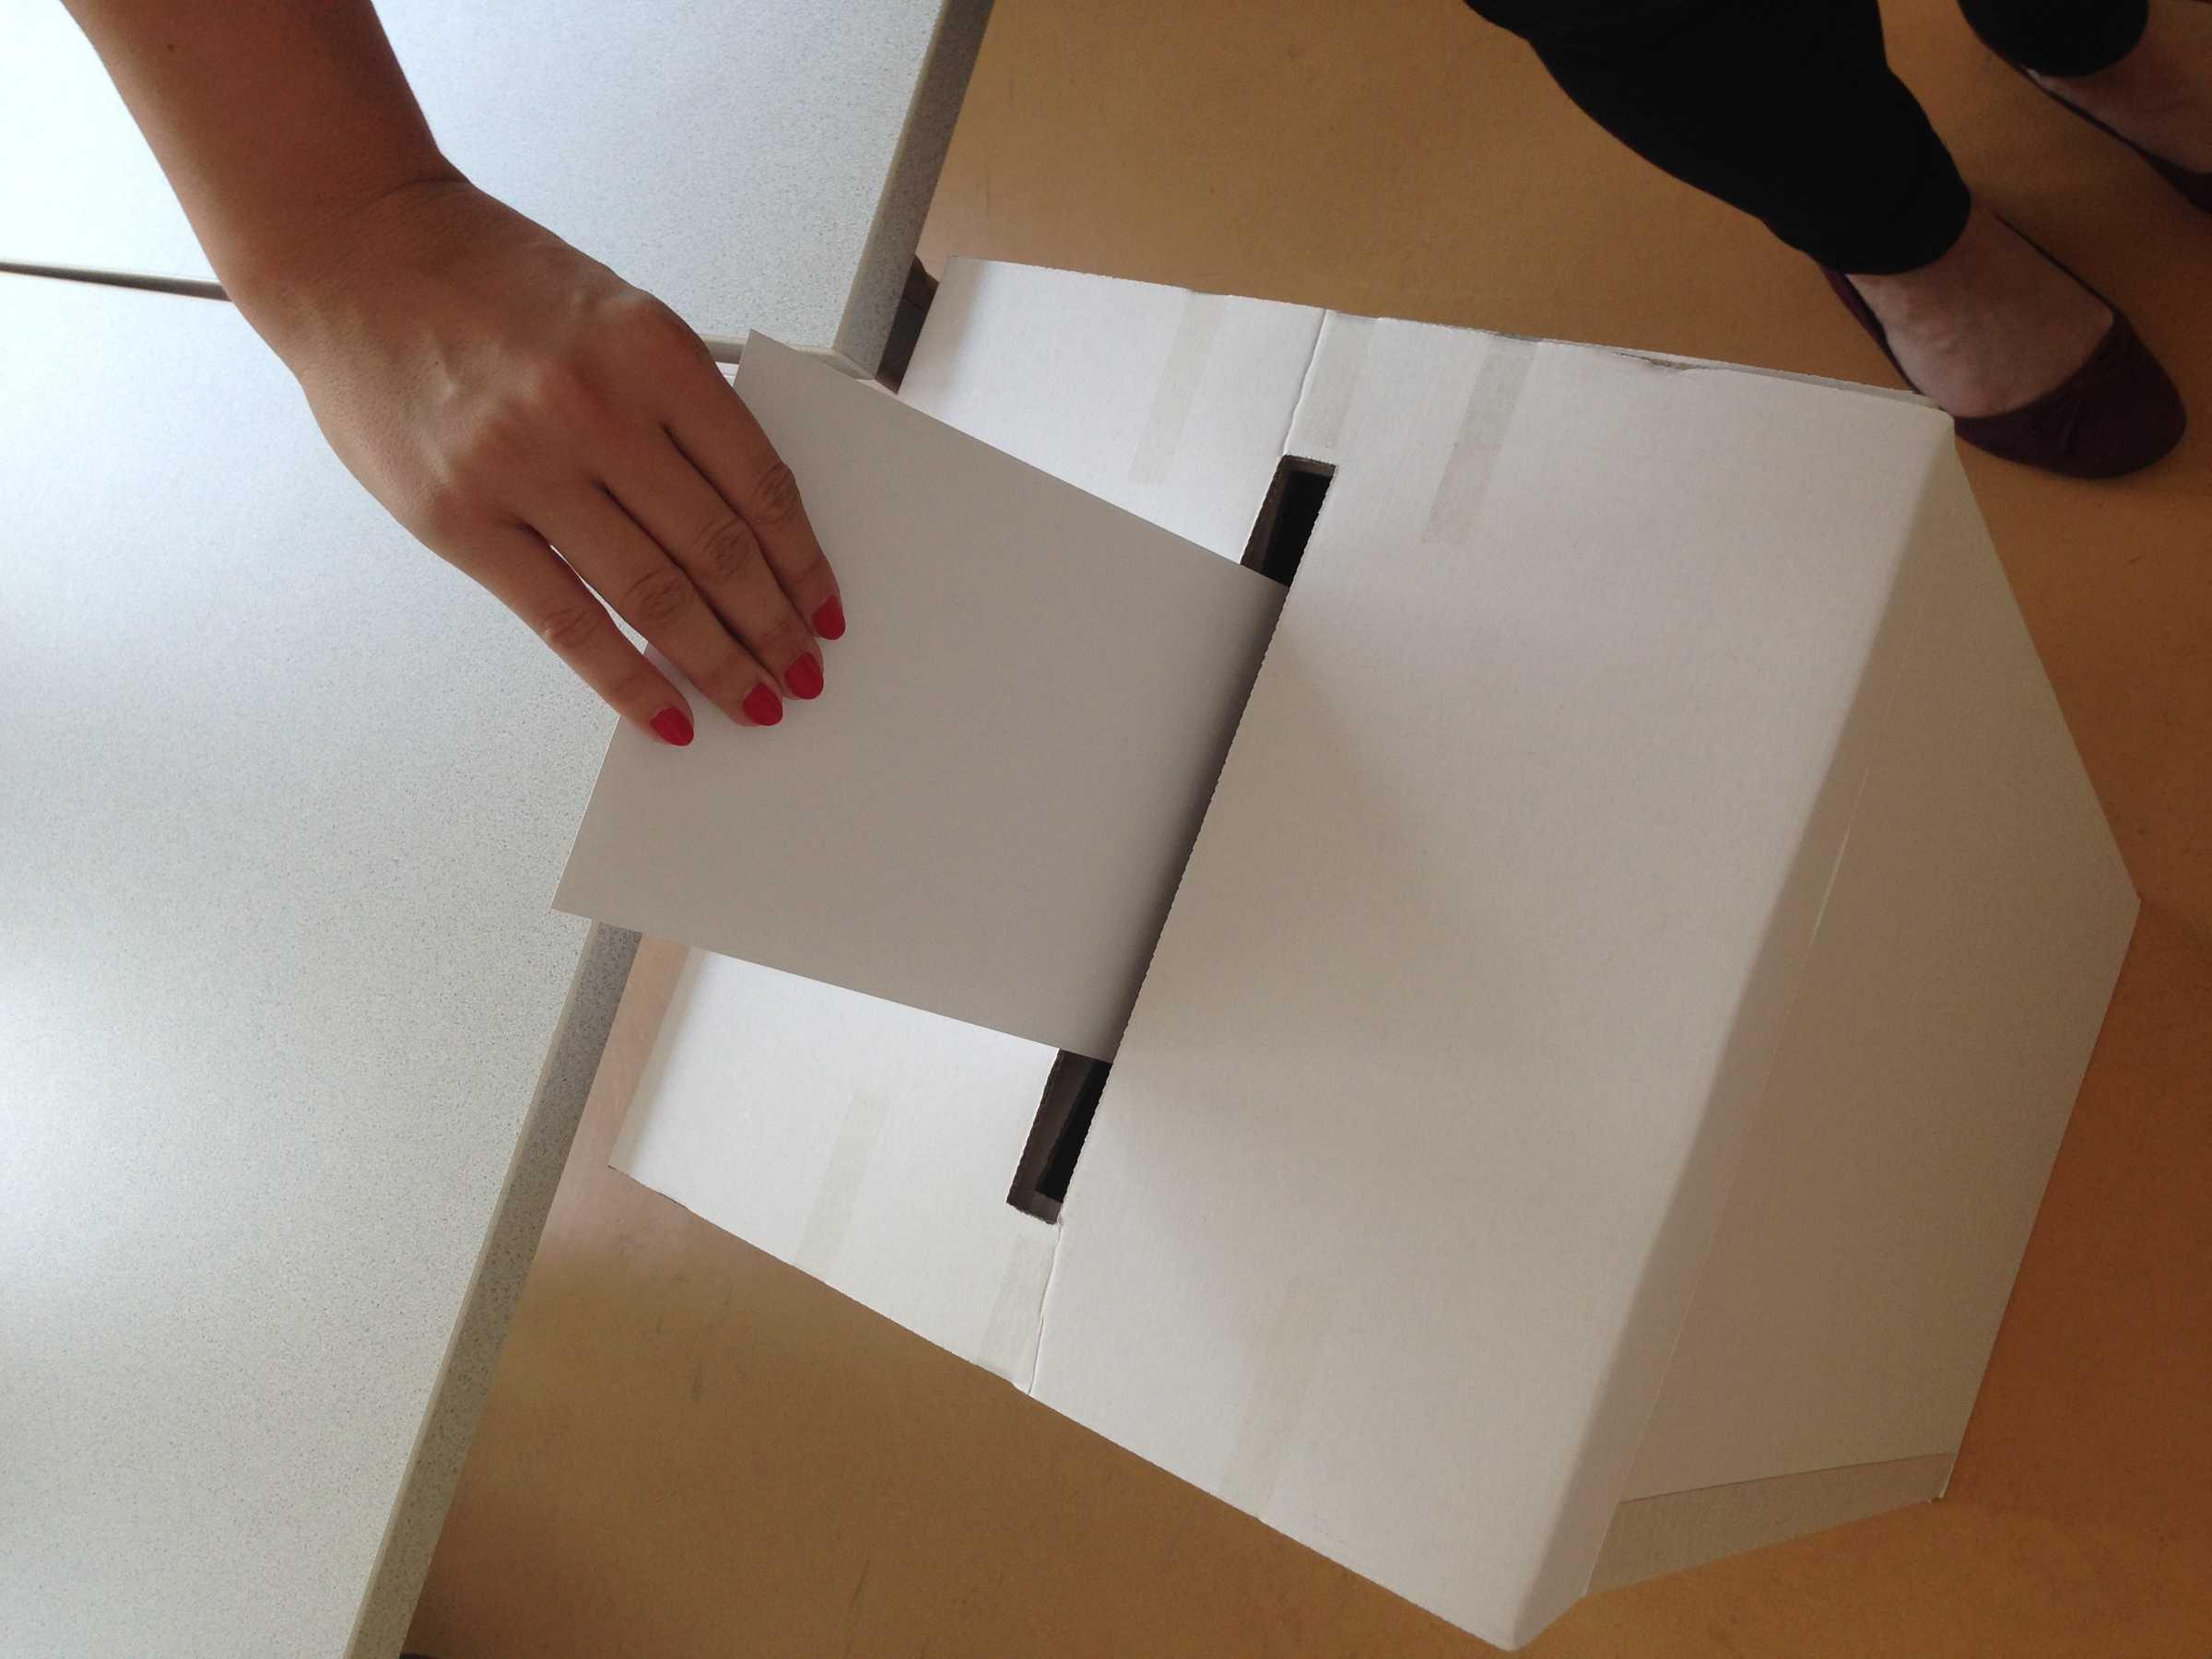 Einwurf des Kuvers in die Wahlurne.